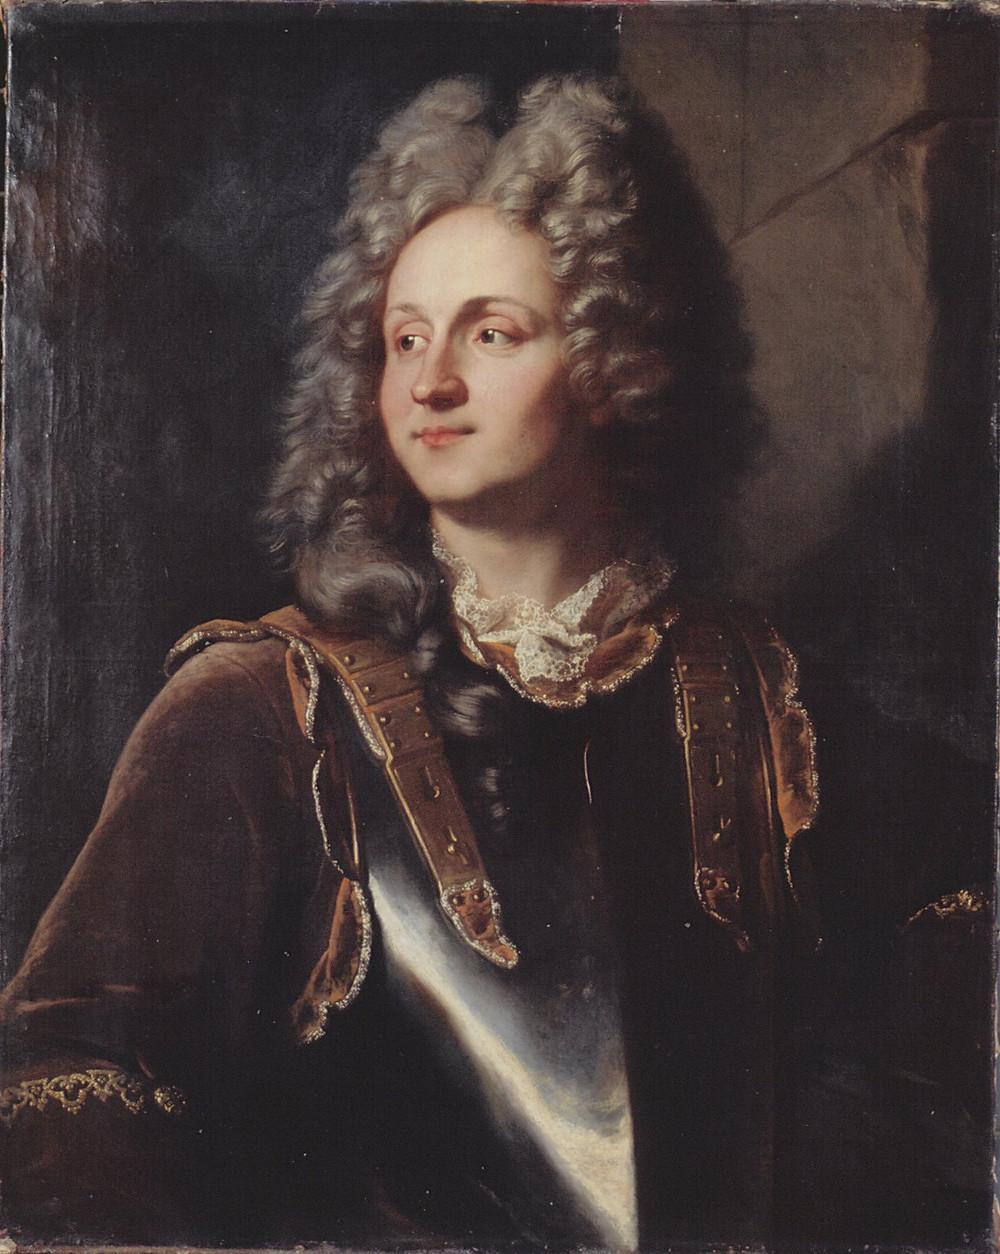 Hyacinthe Rigaud, Portrait de François Henri d'Estavayer-Mollondin, 1705, Neuchâtel, musée d'Art et d'Histoire, inv. AP 591